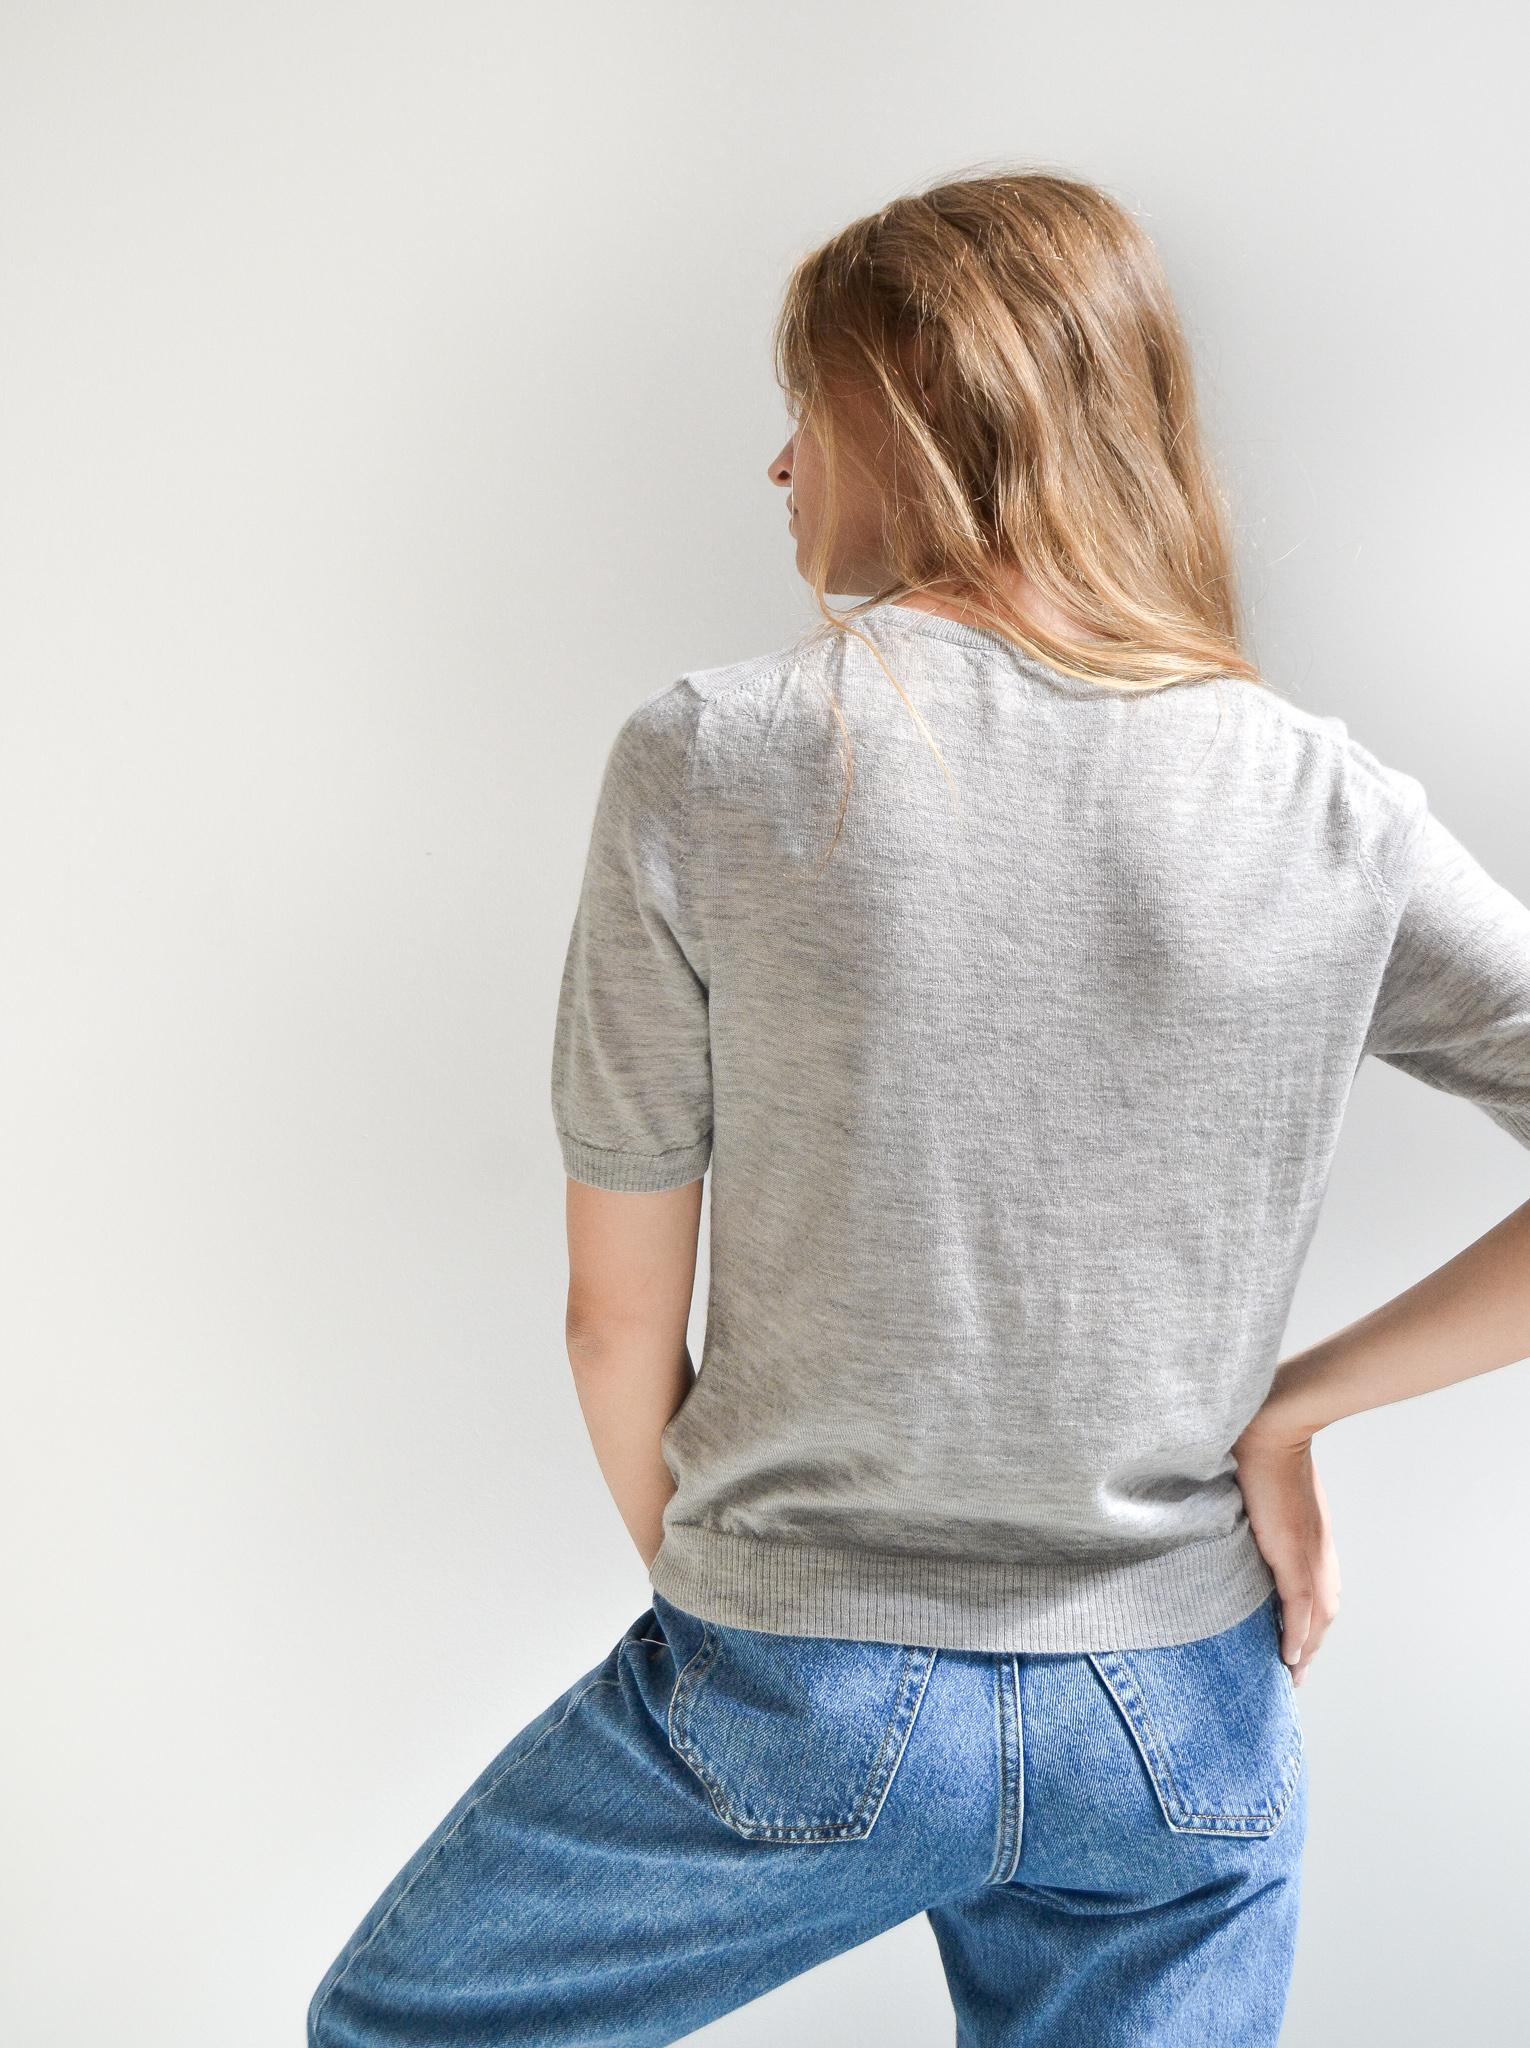 Vores model i Audry T-shirt i 100% cashmere fra Wuth Copenhagen.